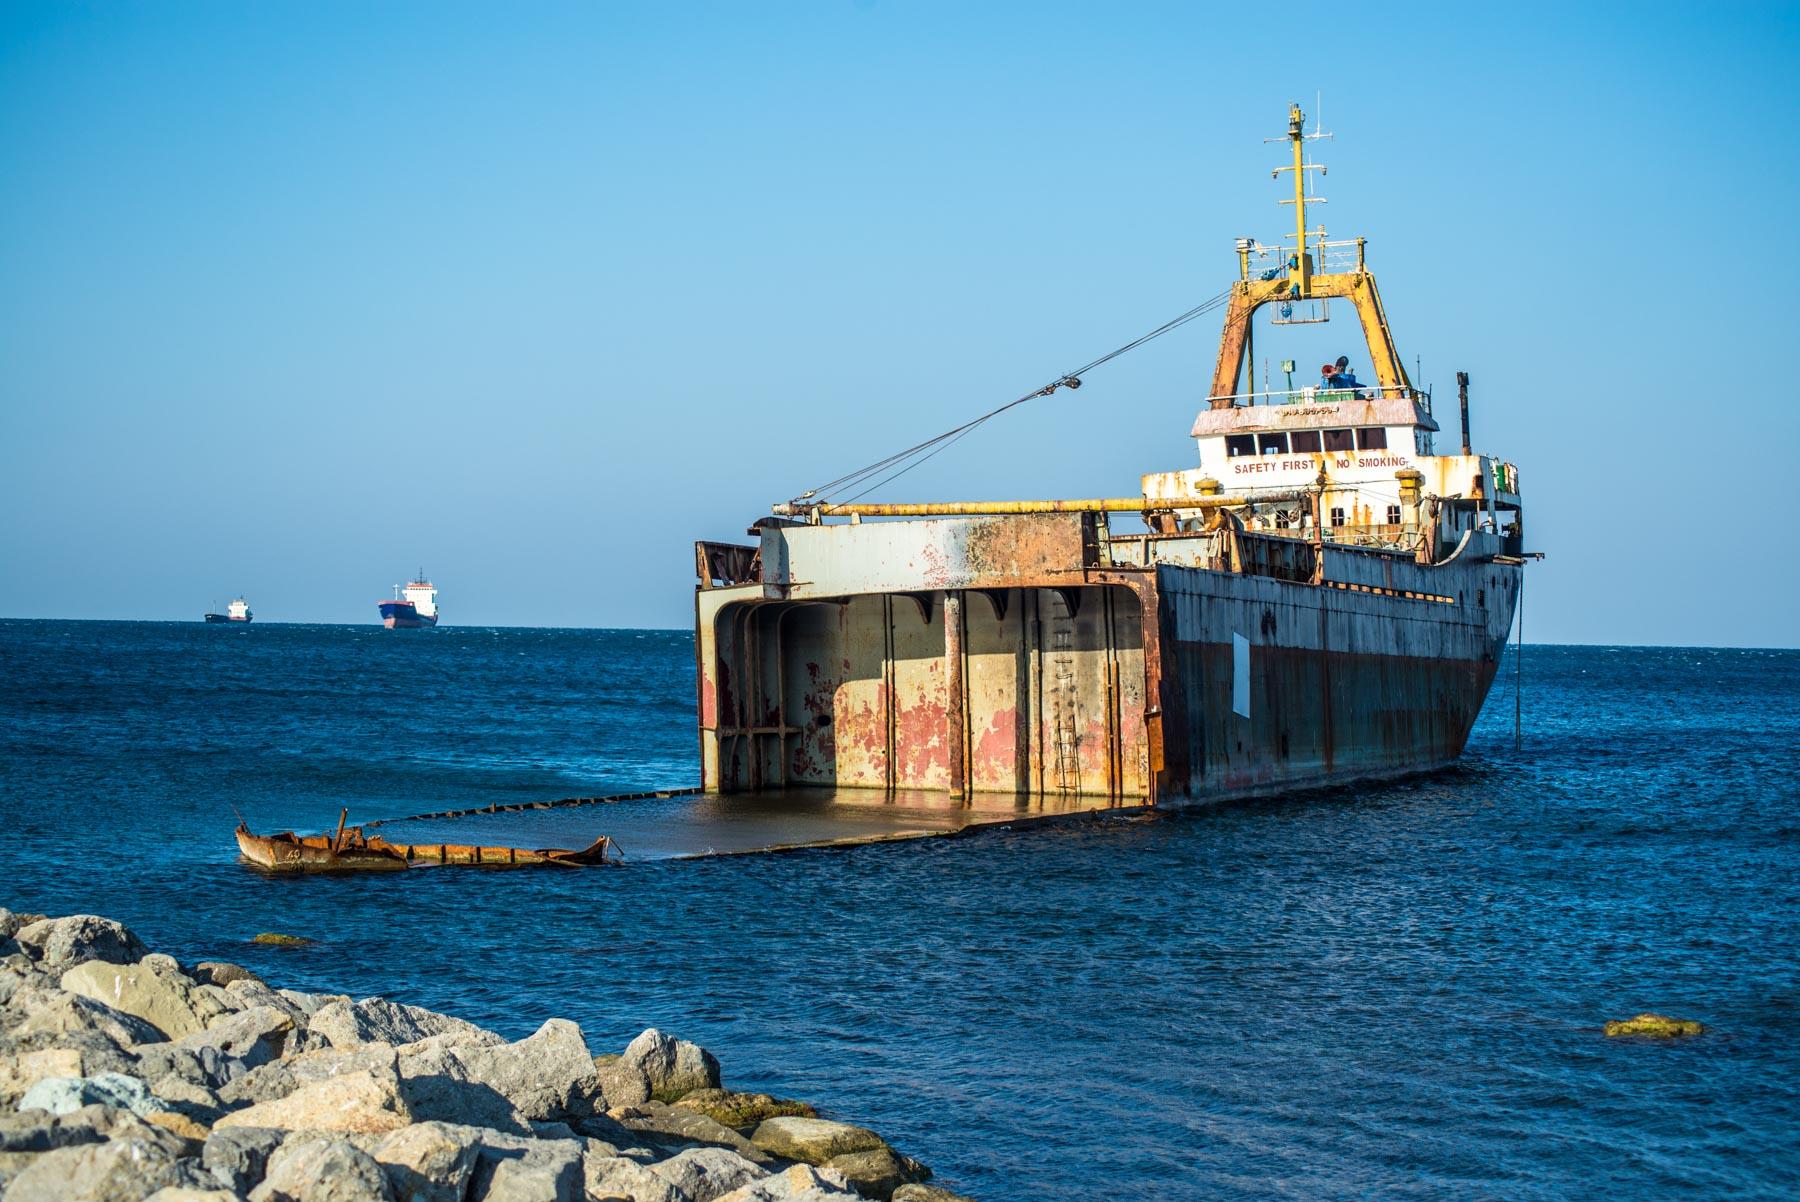 Затонувший корабль Зия Коч